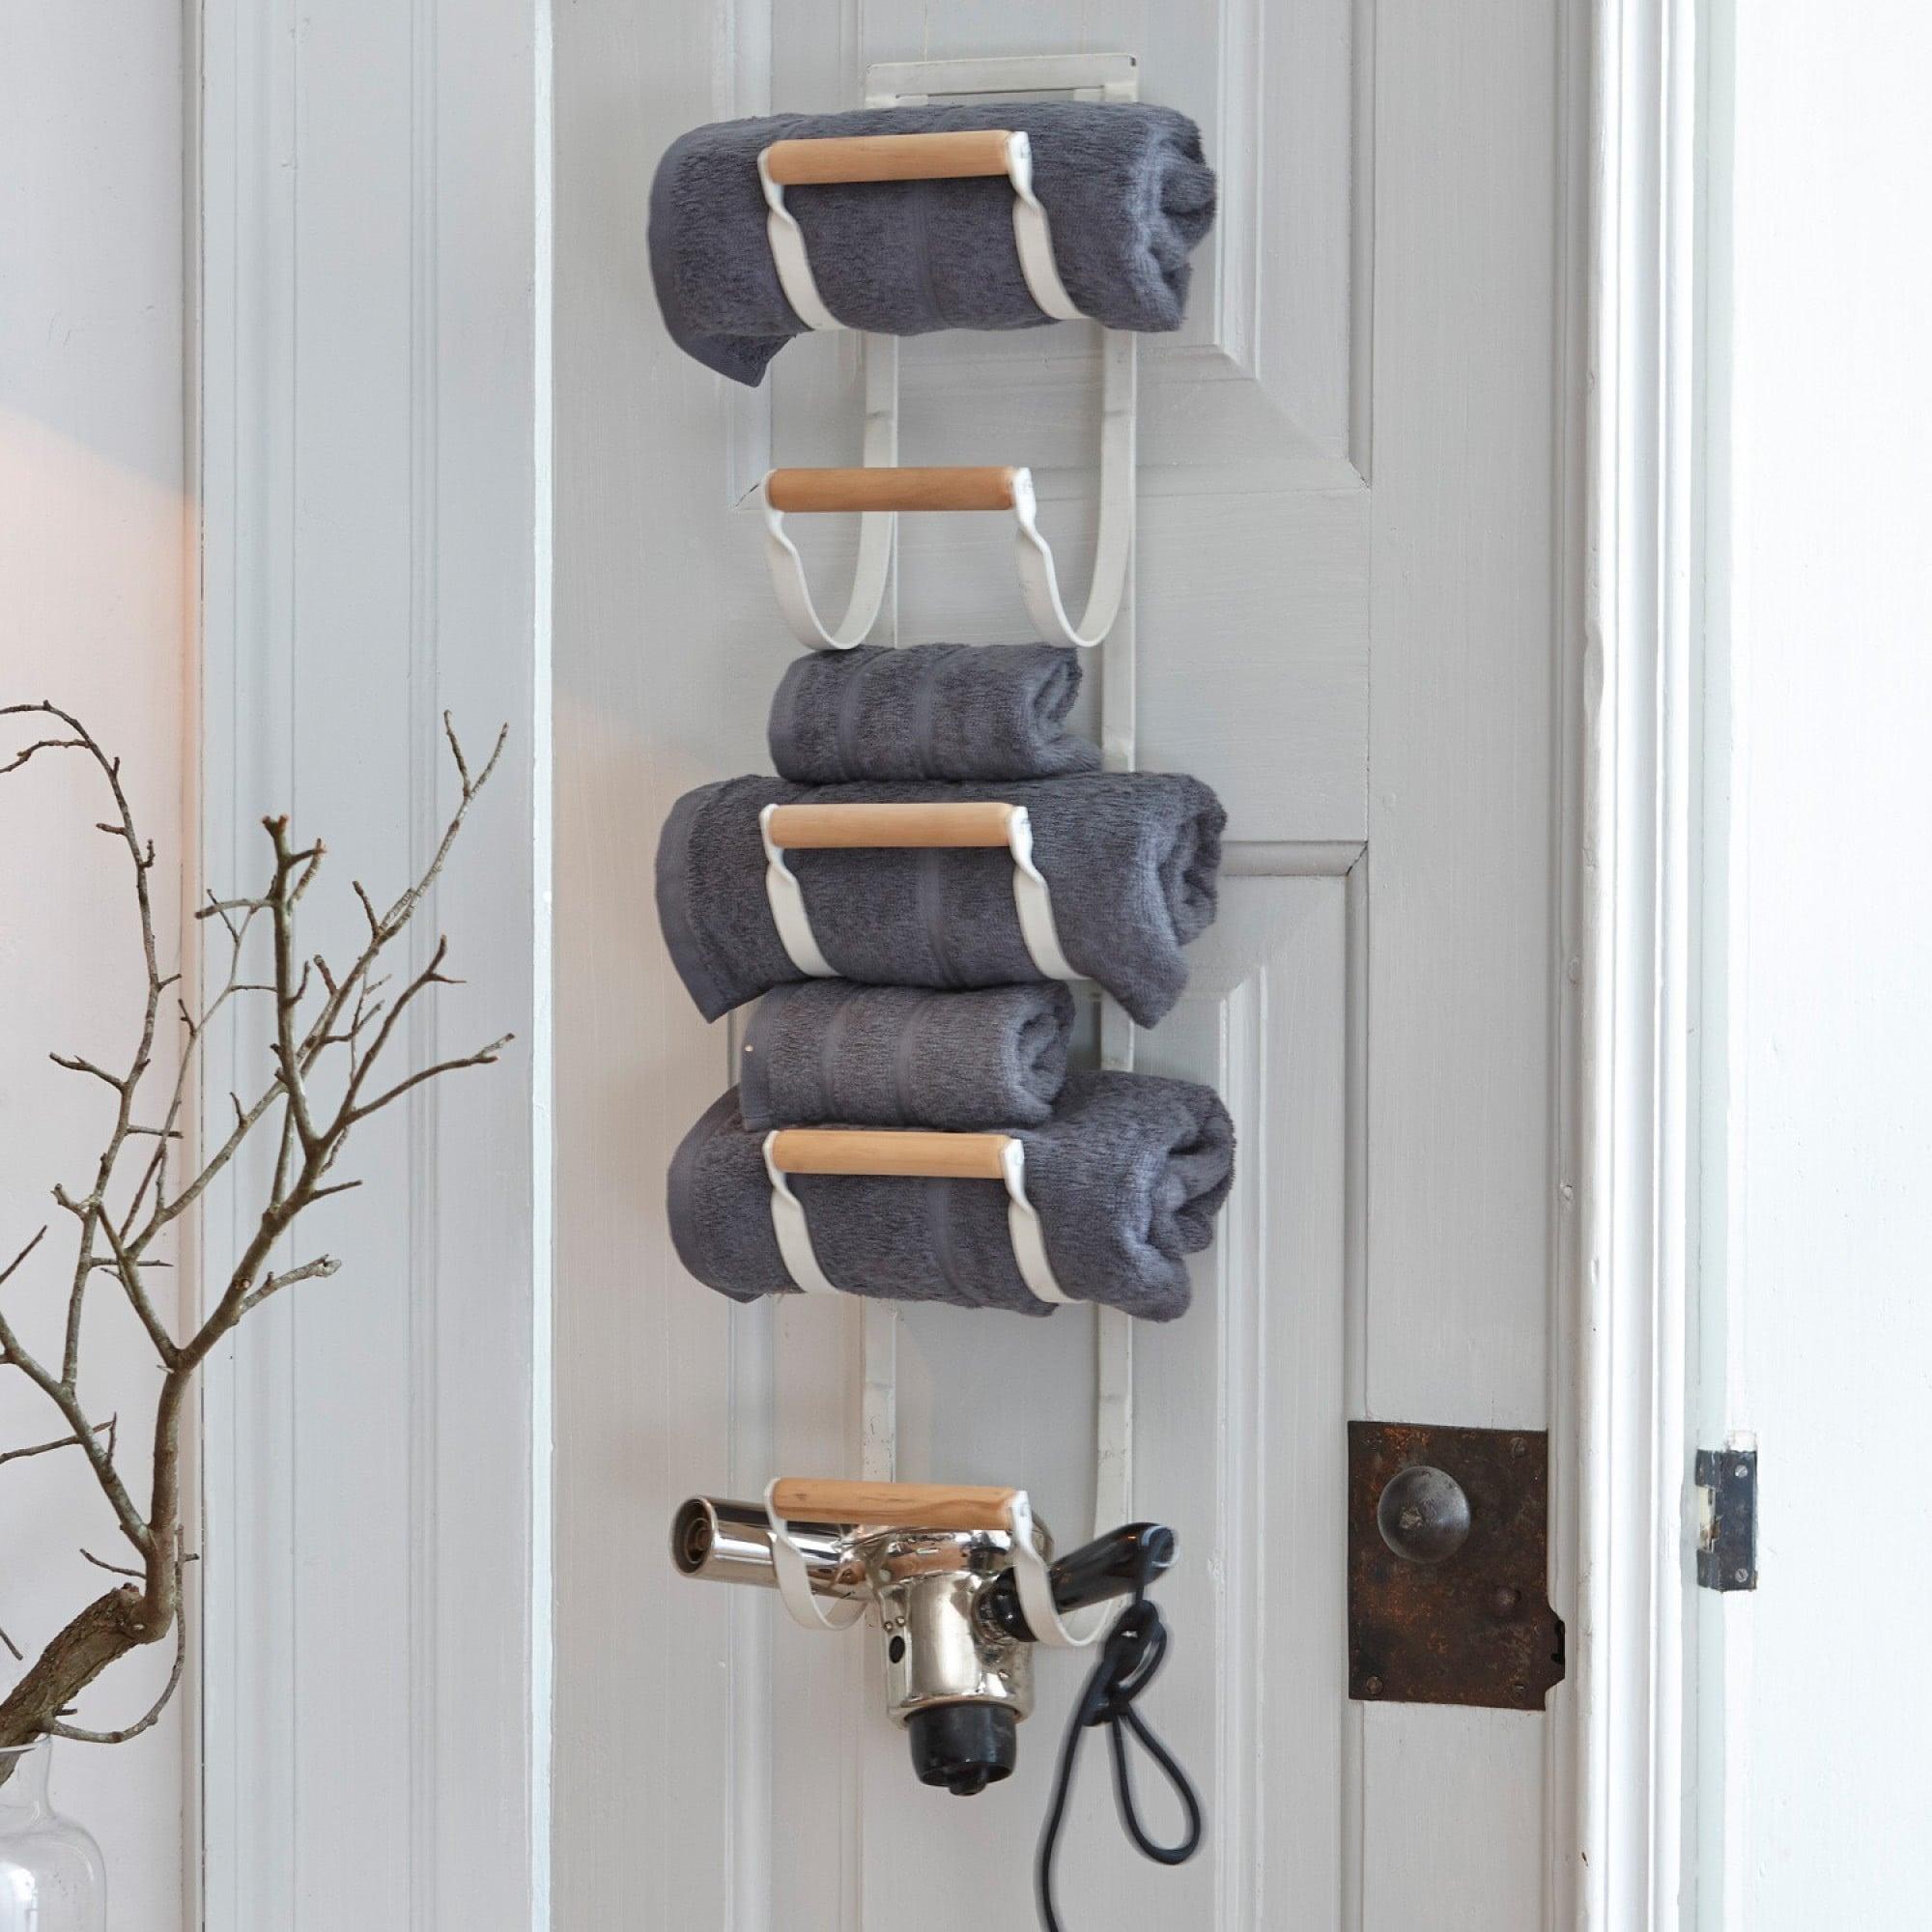 küchenmöbel: küchenschränke & regale im landhausstil